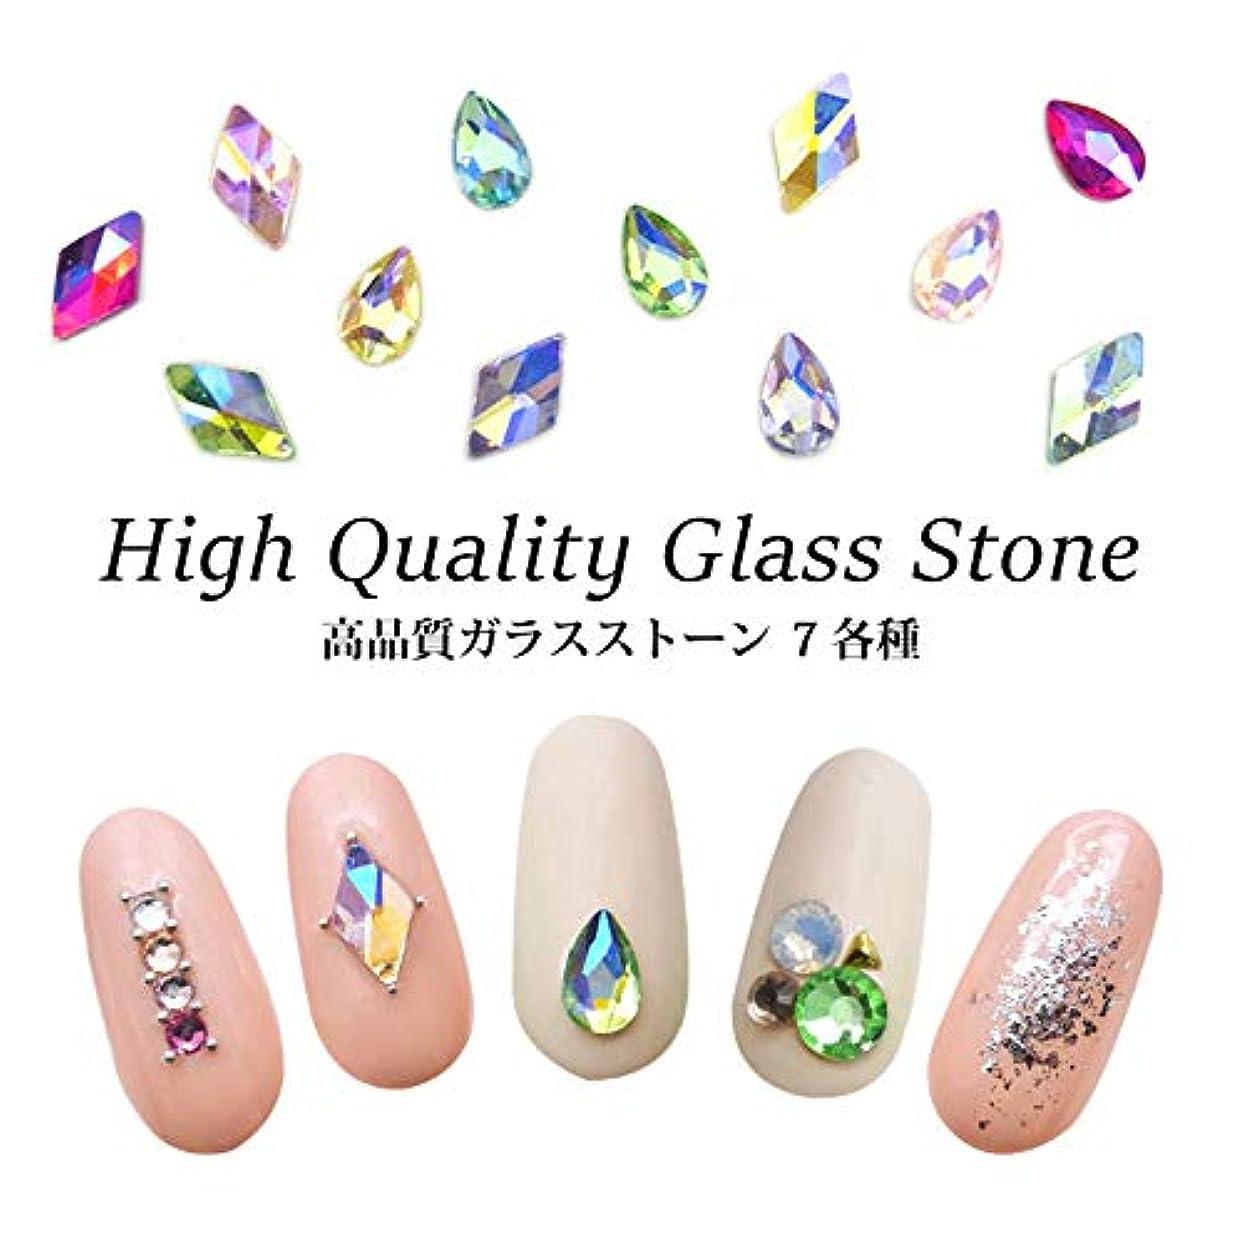 高品質 ガラスストーン 7 各種 5個入り (ランバス, 1.クリスタルブルームーン)